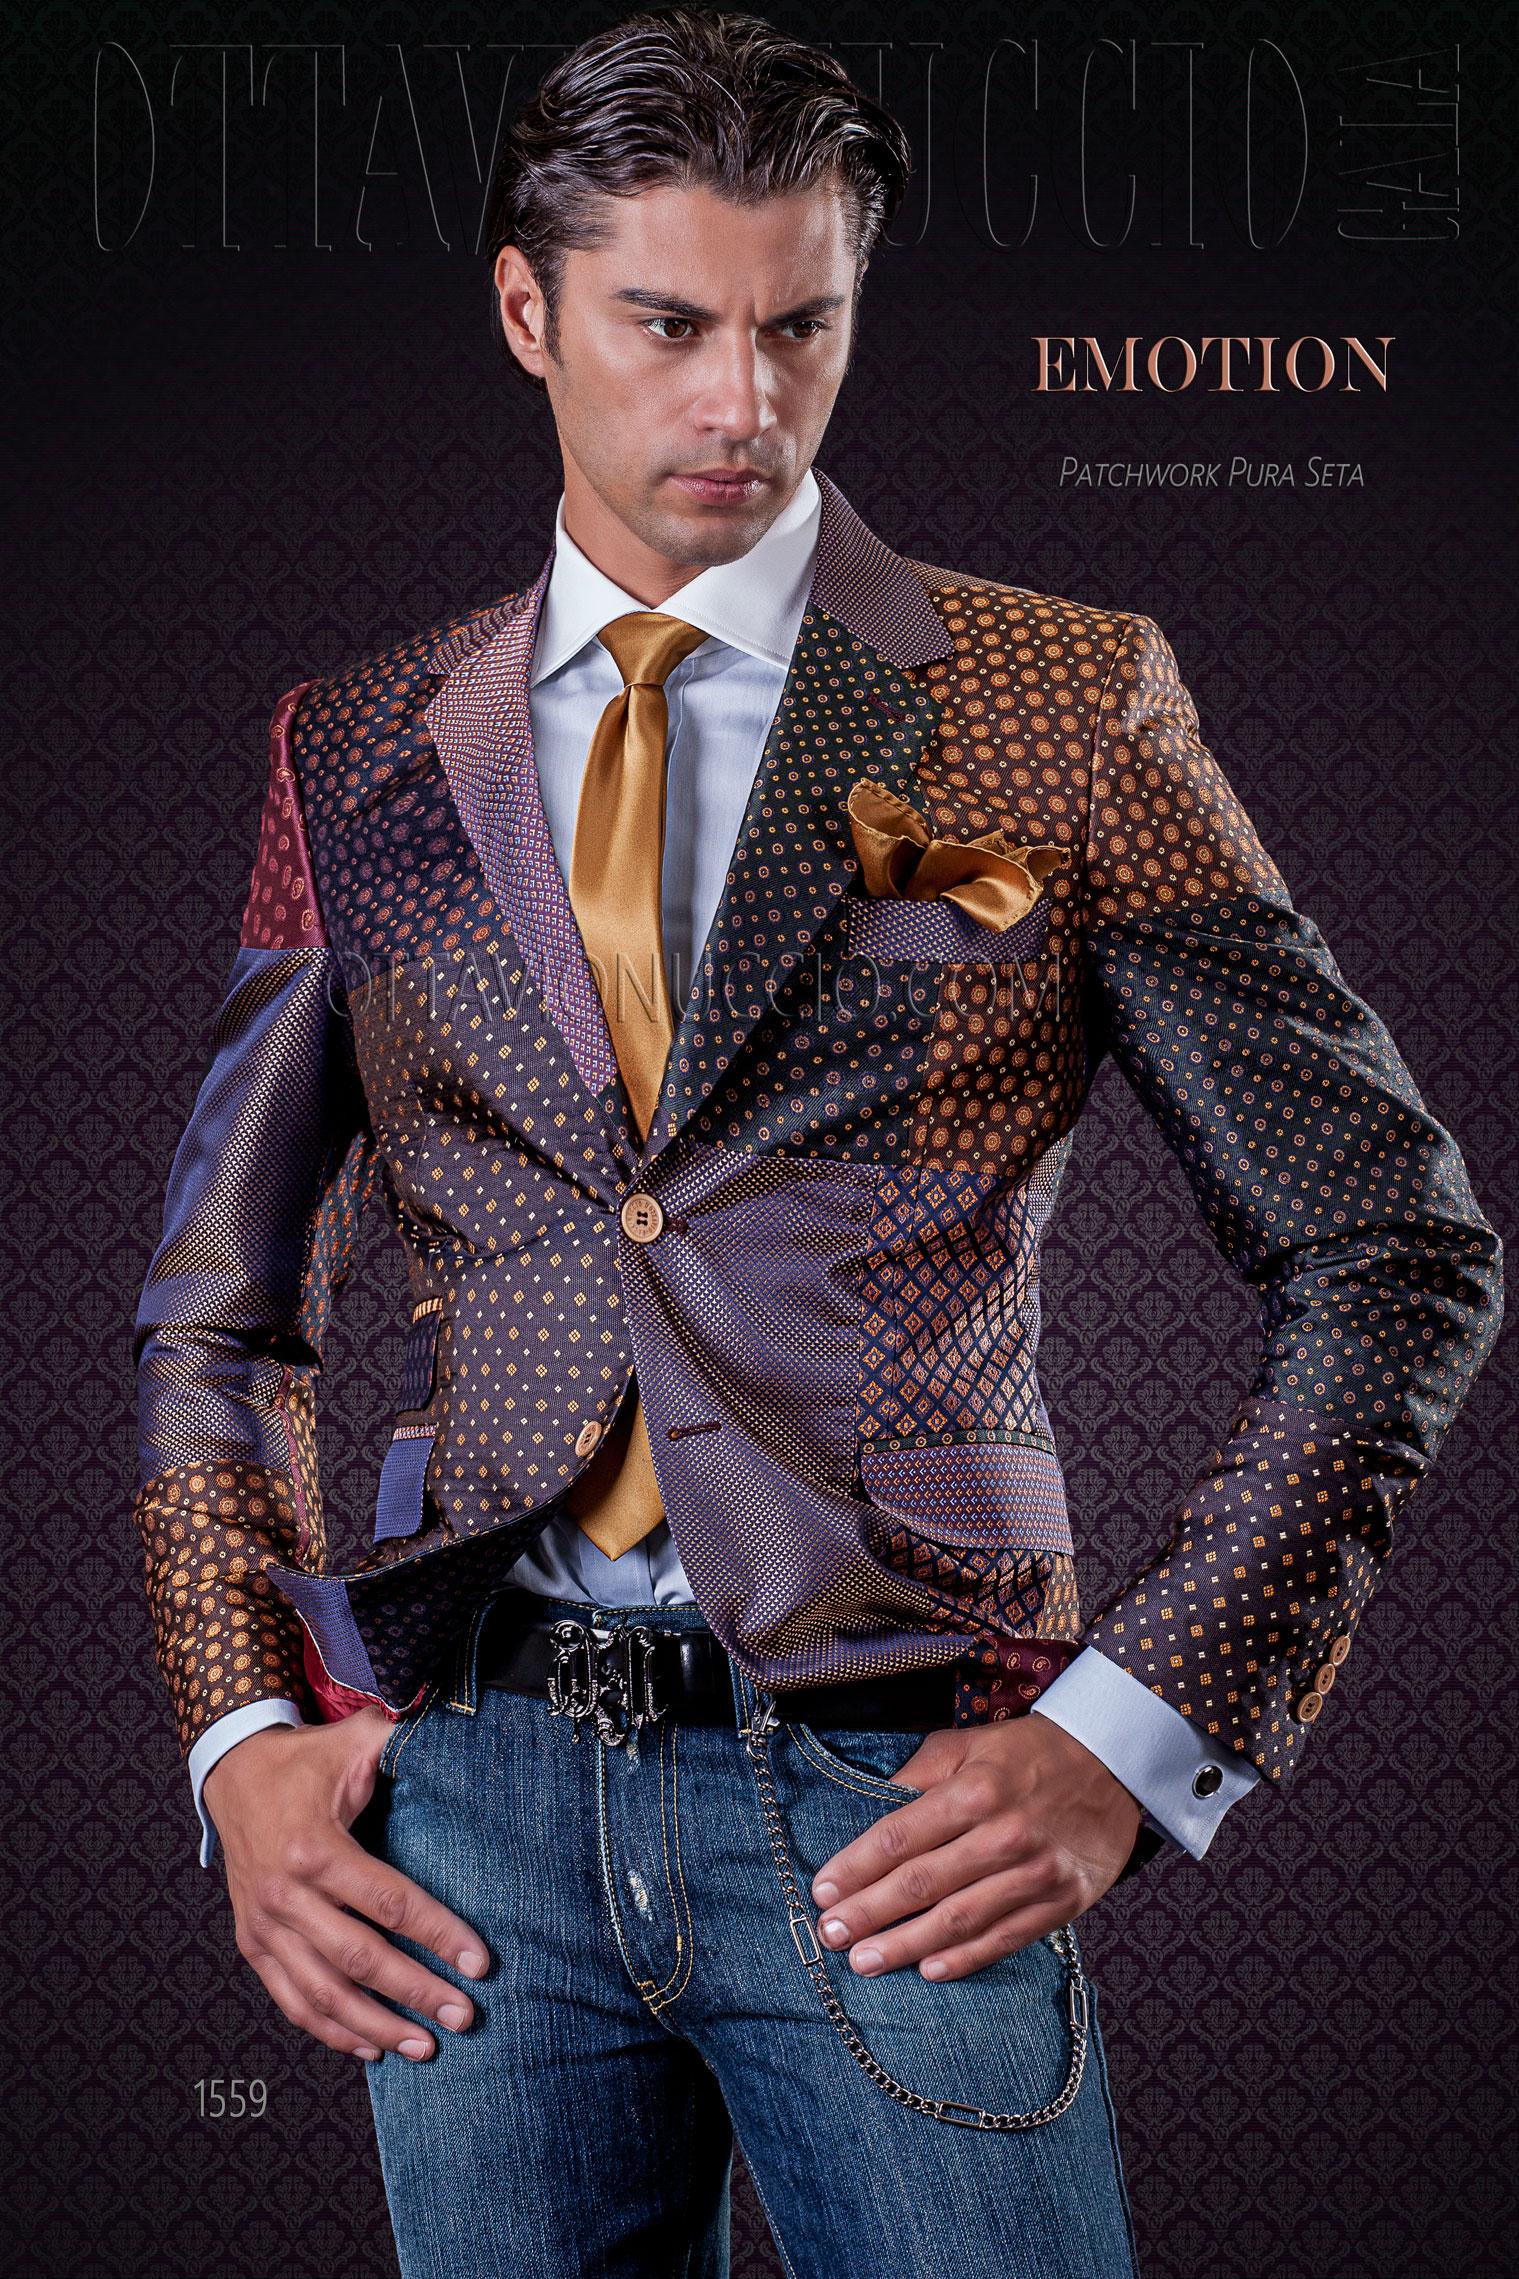 Giacca uomo patchwork in pura seta con micro disegni